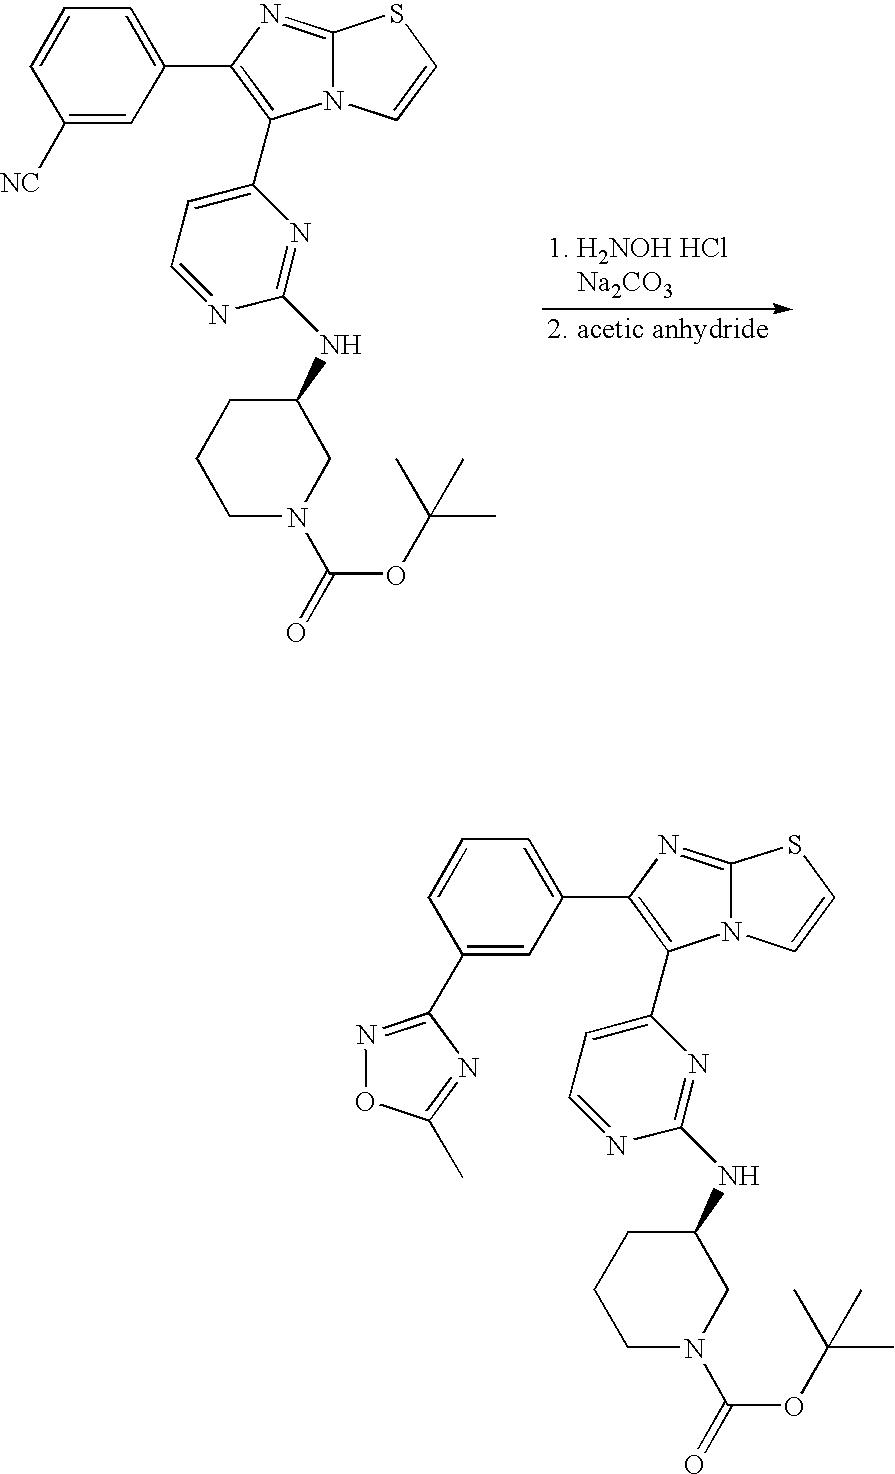 Figure US20090136499A1-20090528-C00062